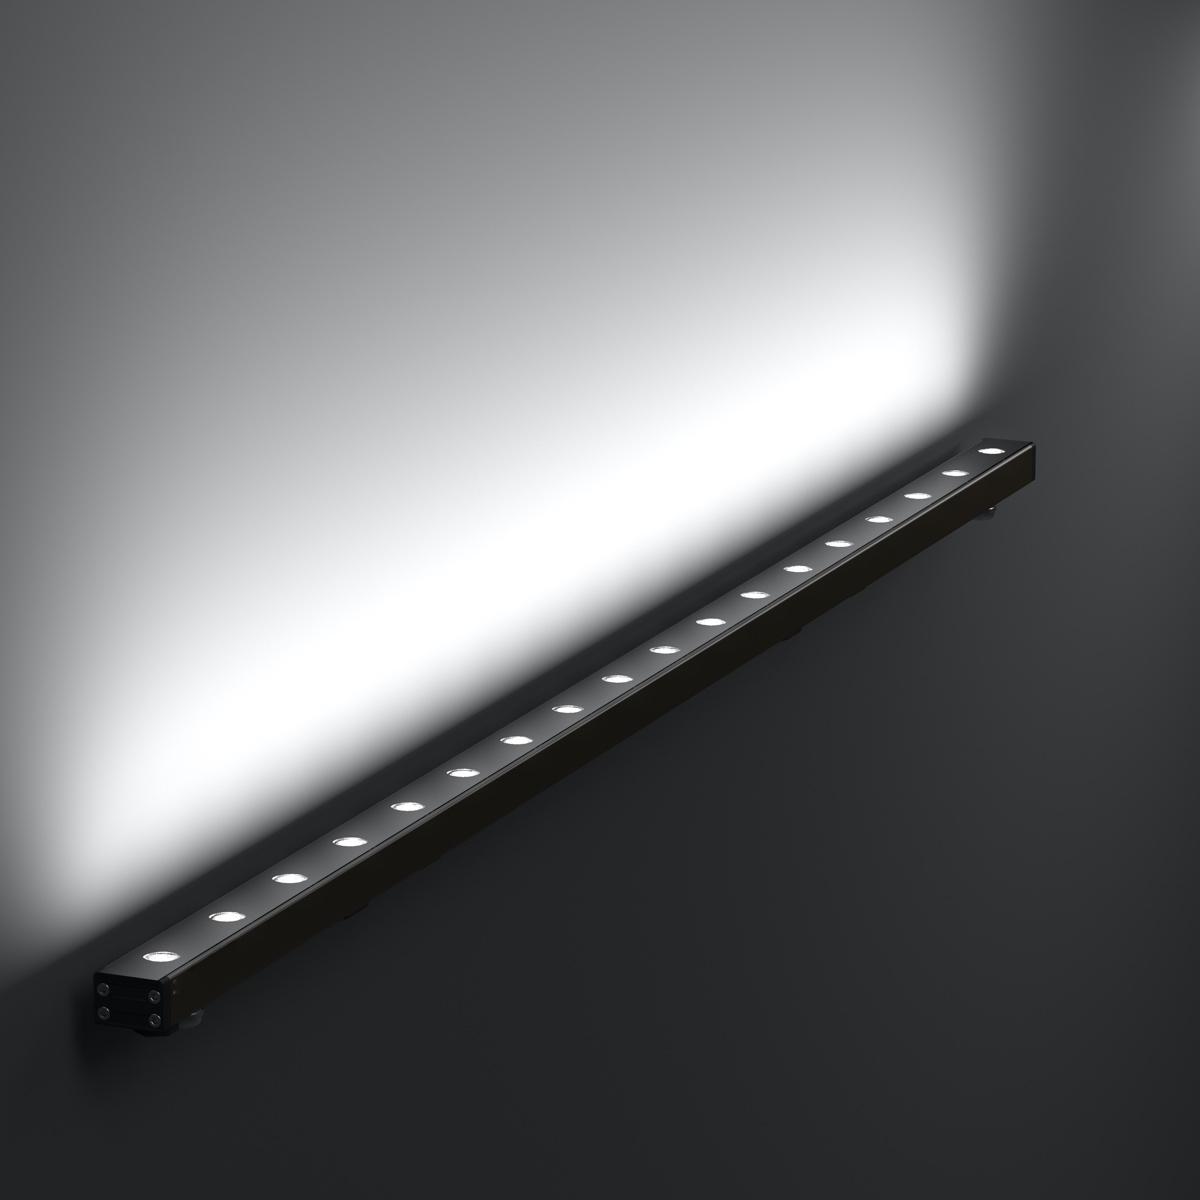 Контурный линейный архитектурный светильник